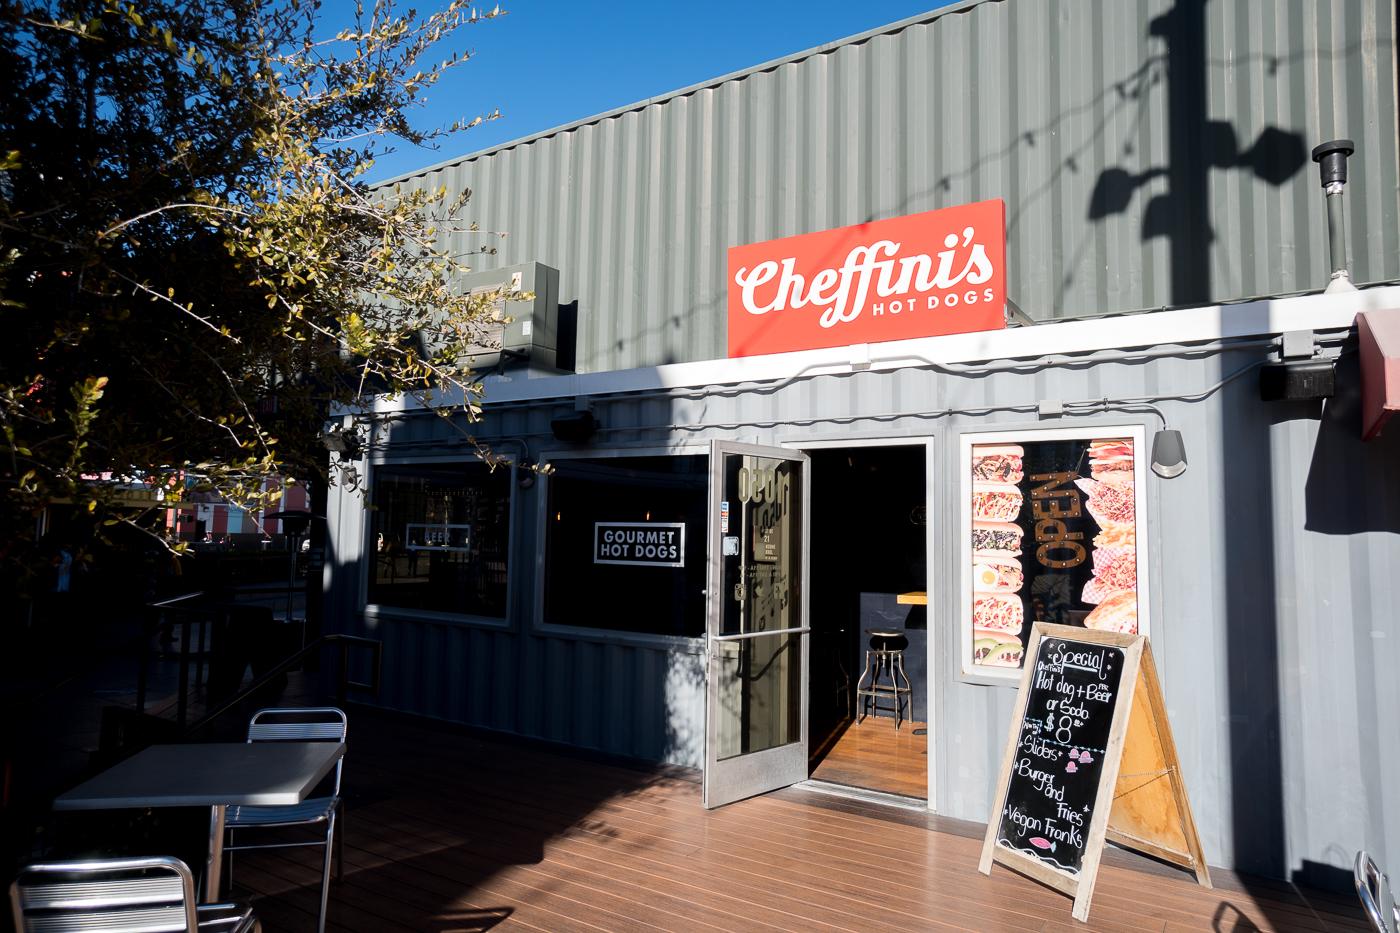 Cheffini's Hot Dogs où manger à Downtown Las Vegas